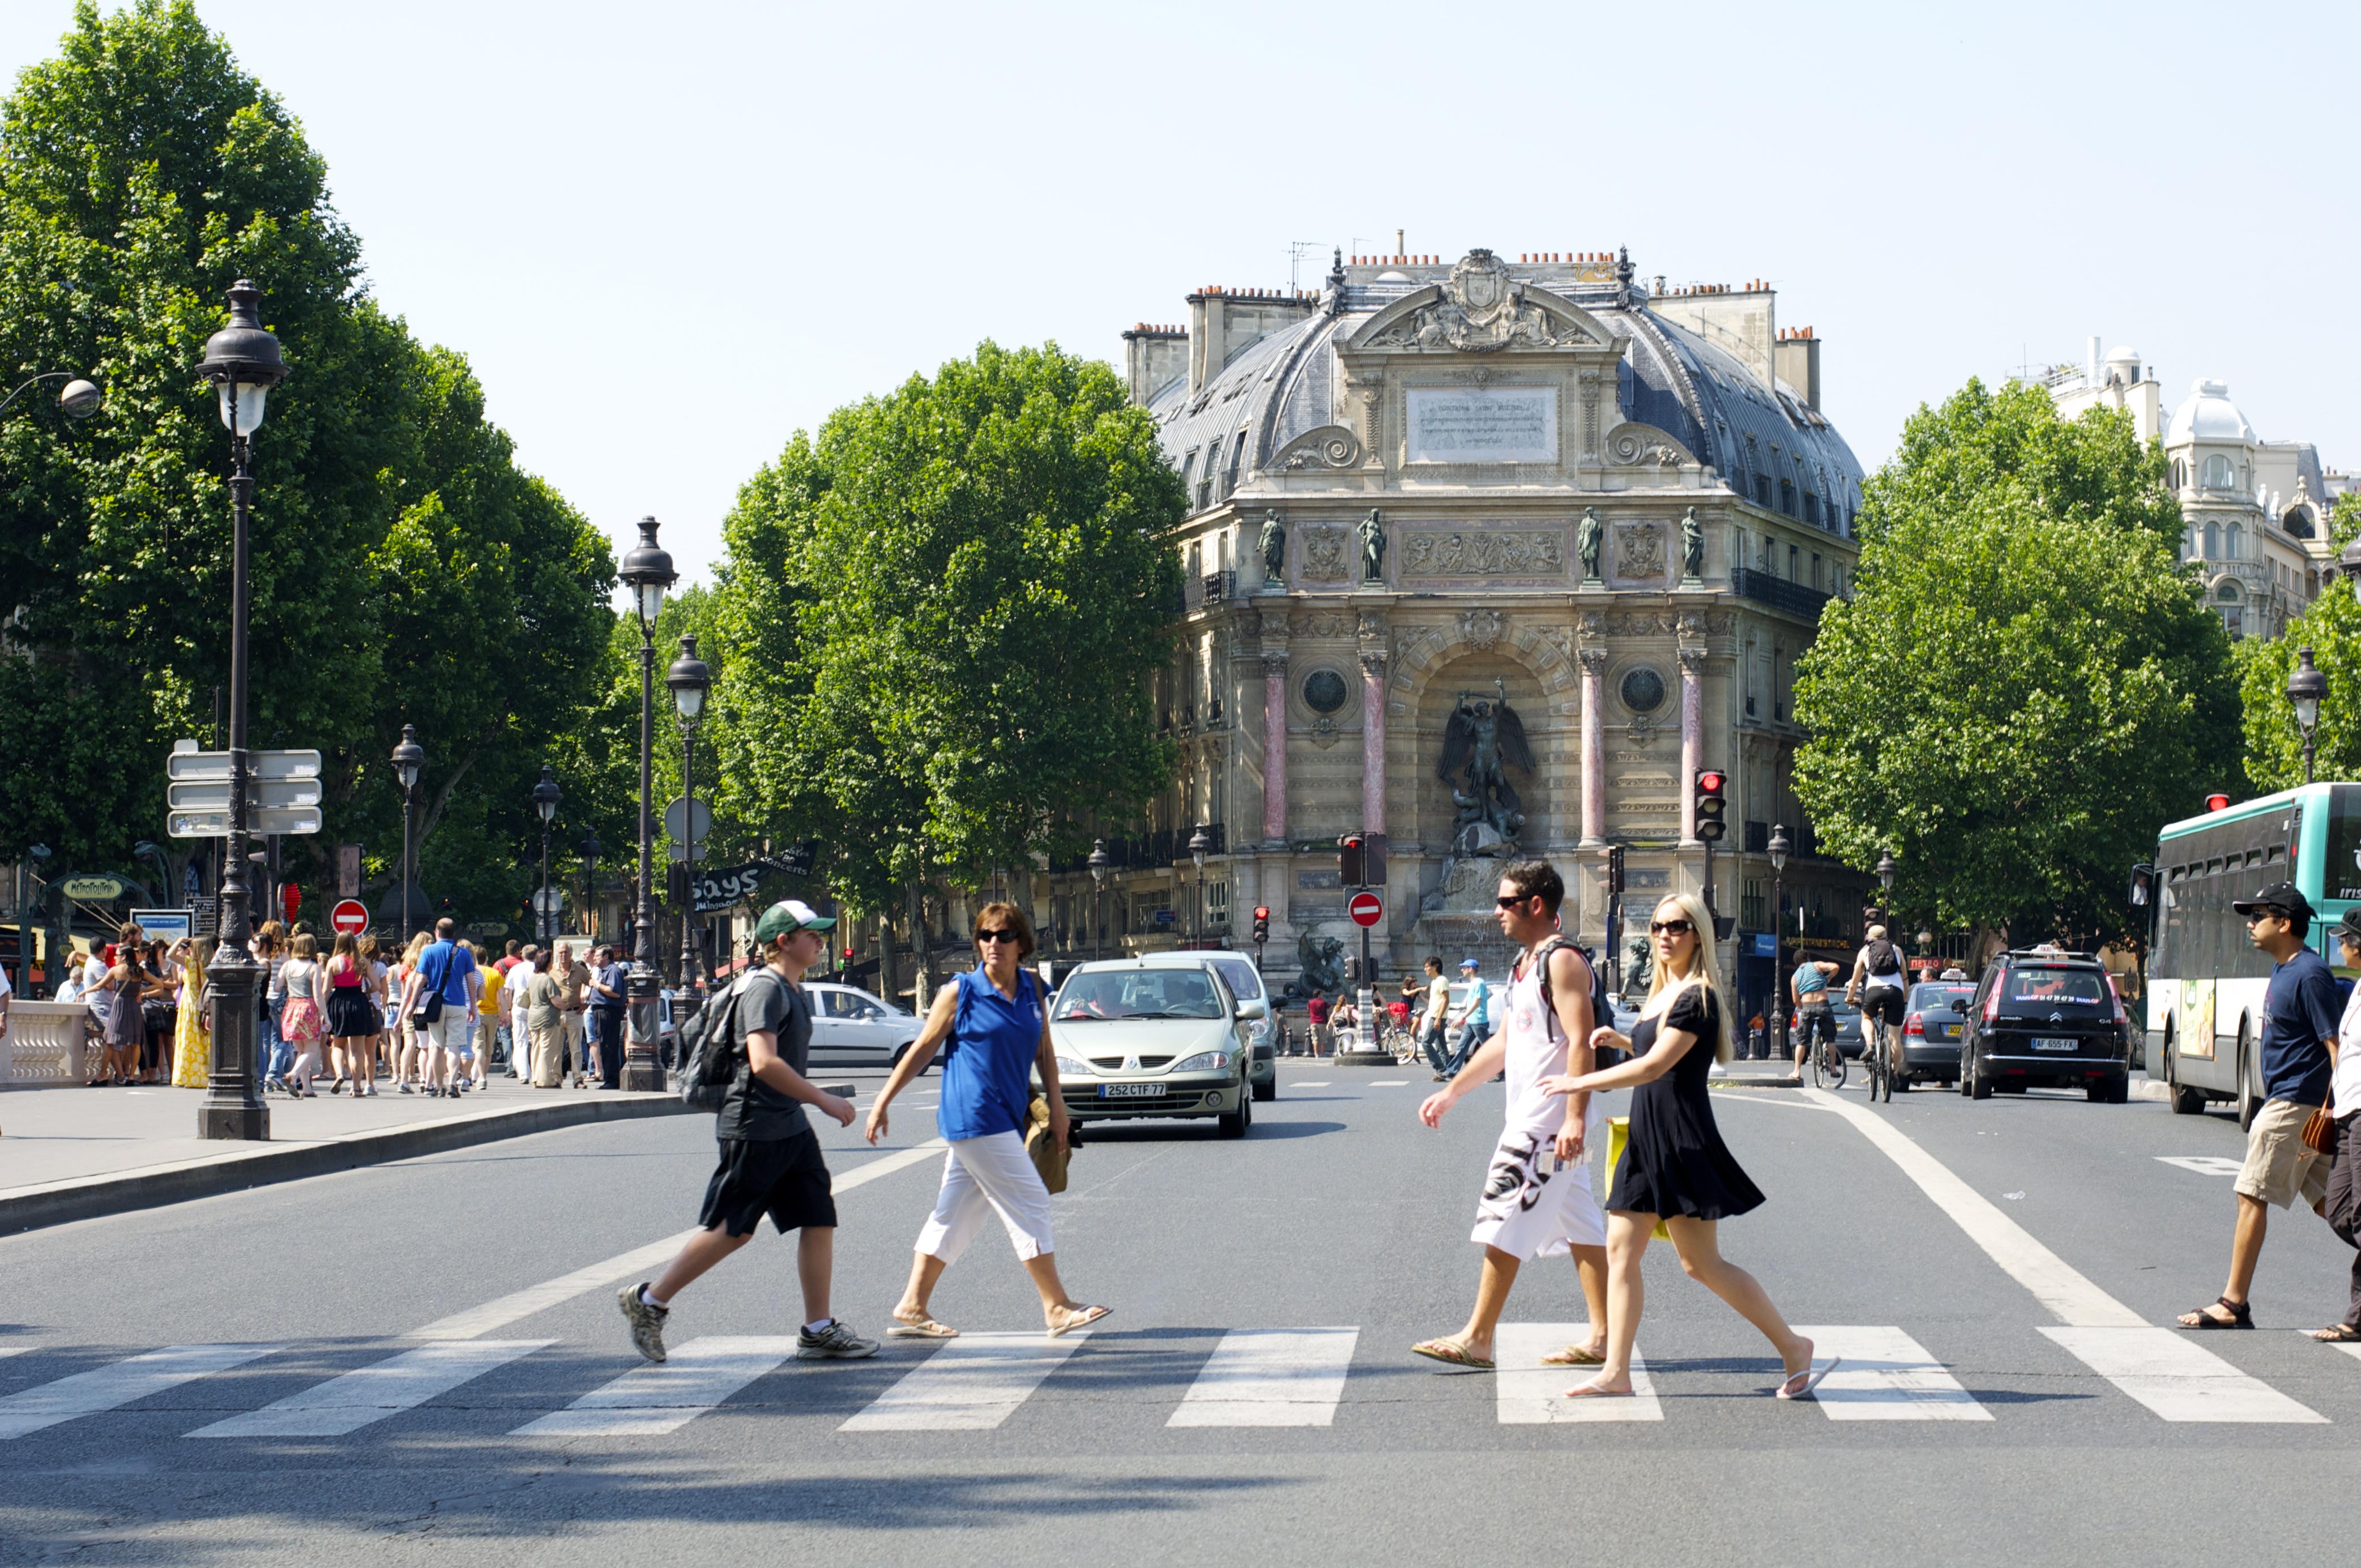 Place Saint-Michel, Paris, France, photographed by Aleksandr Zykov.